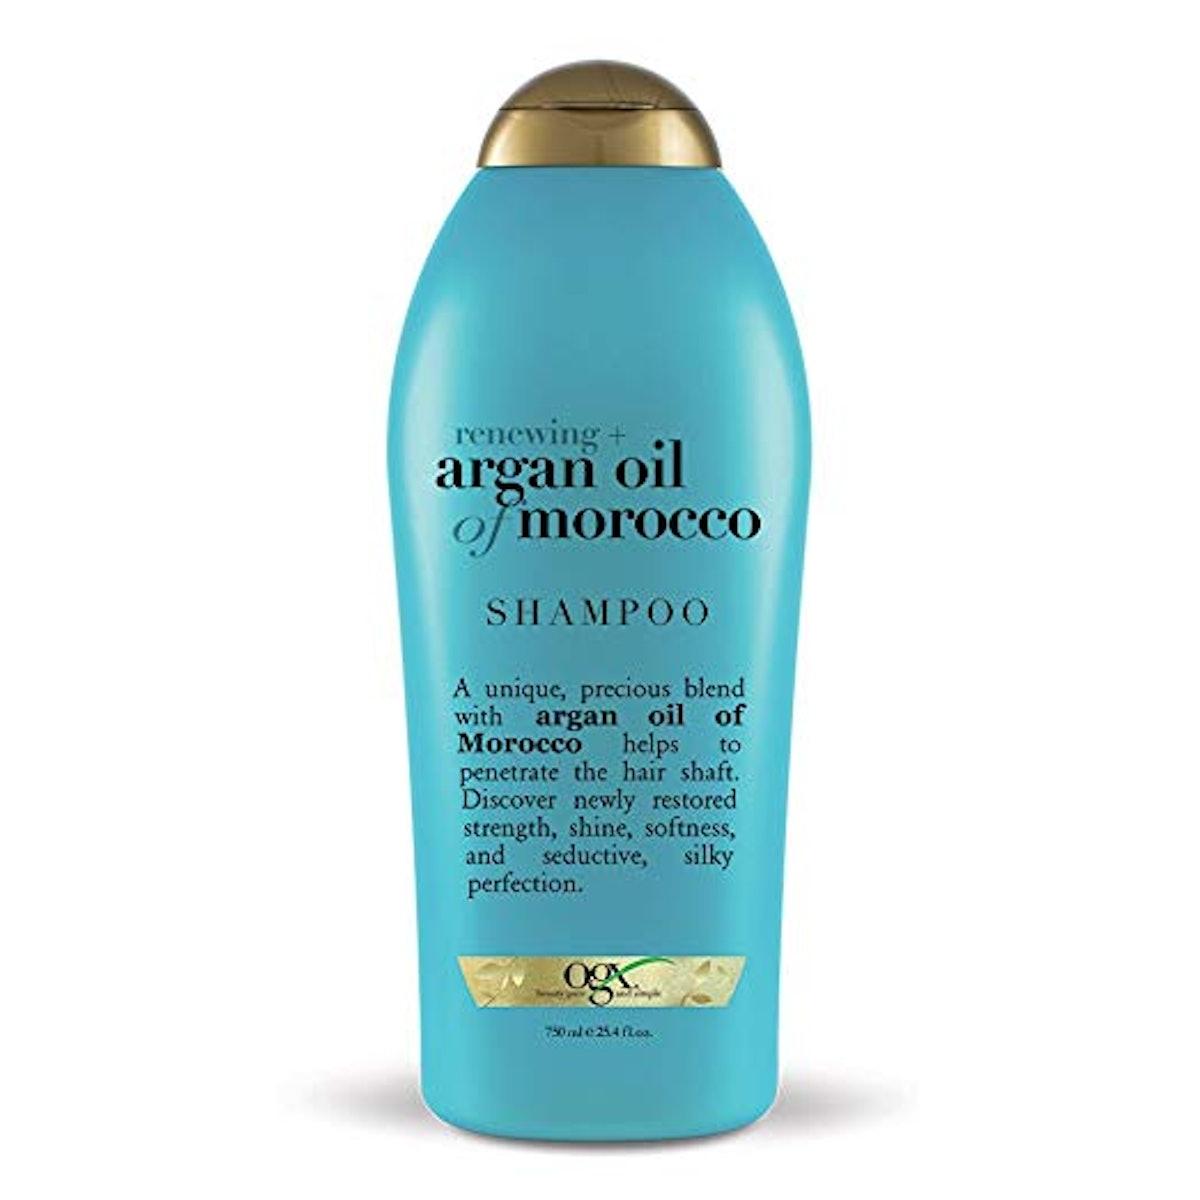 OGX Renewing + Argan Oil Of Morocco Shampoo